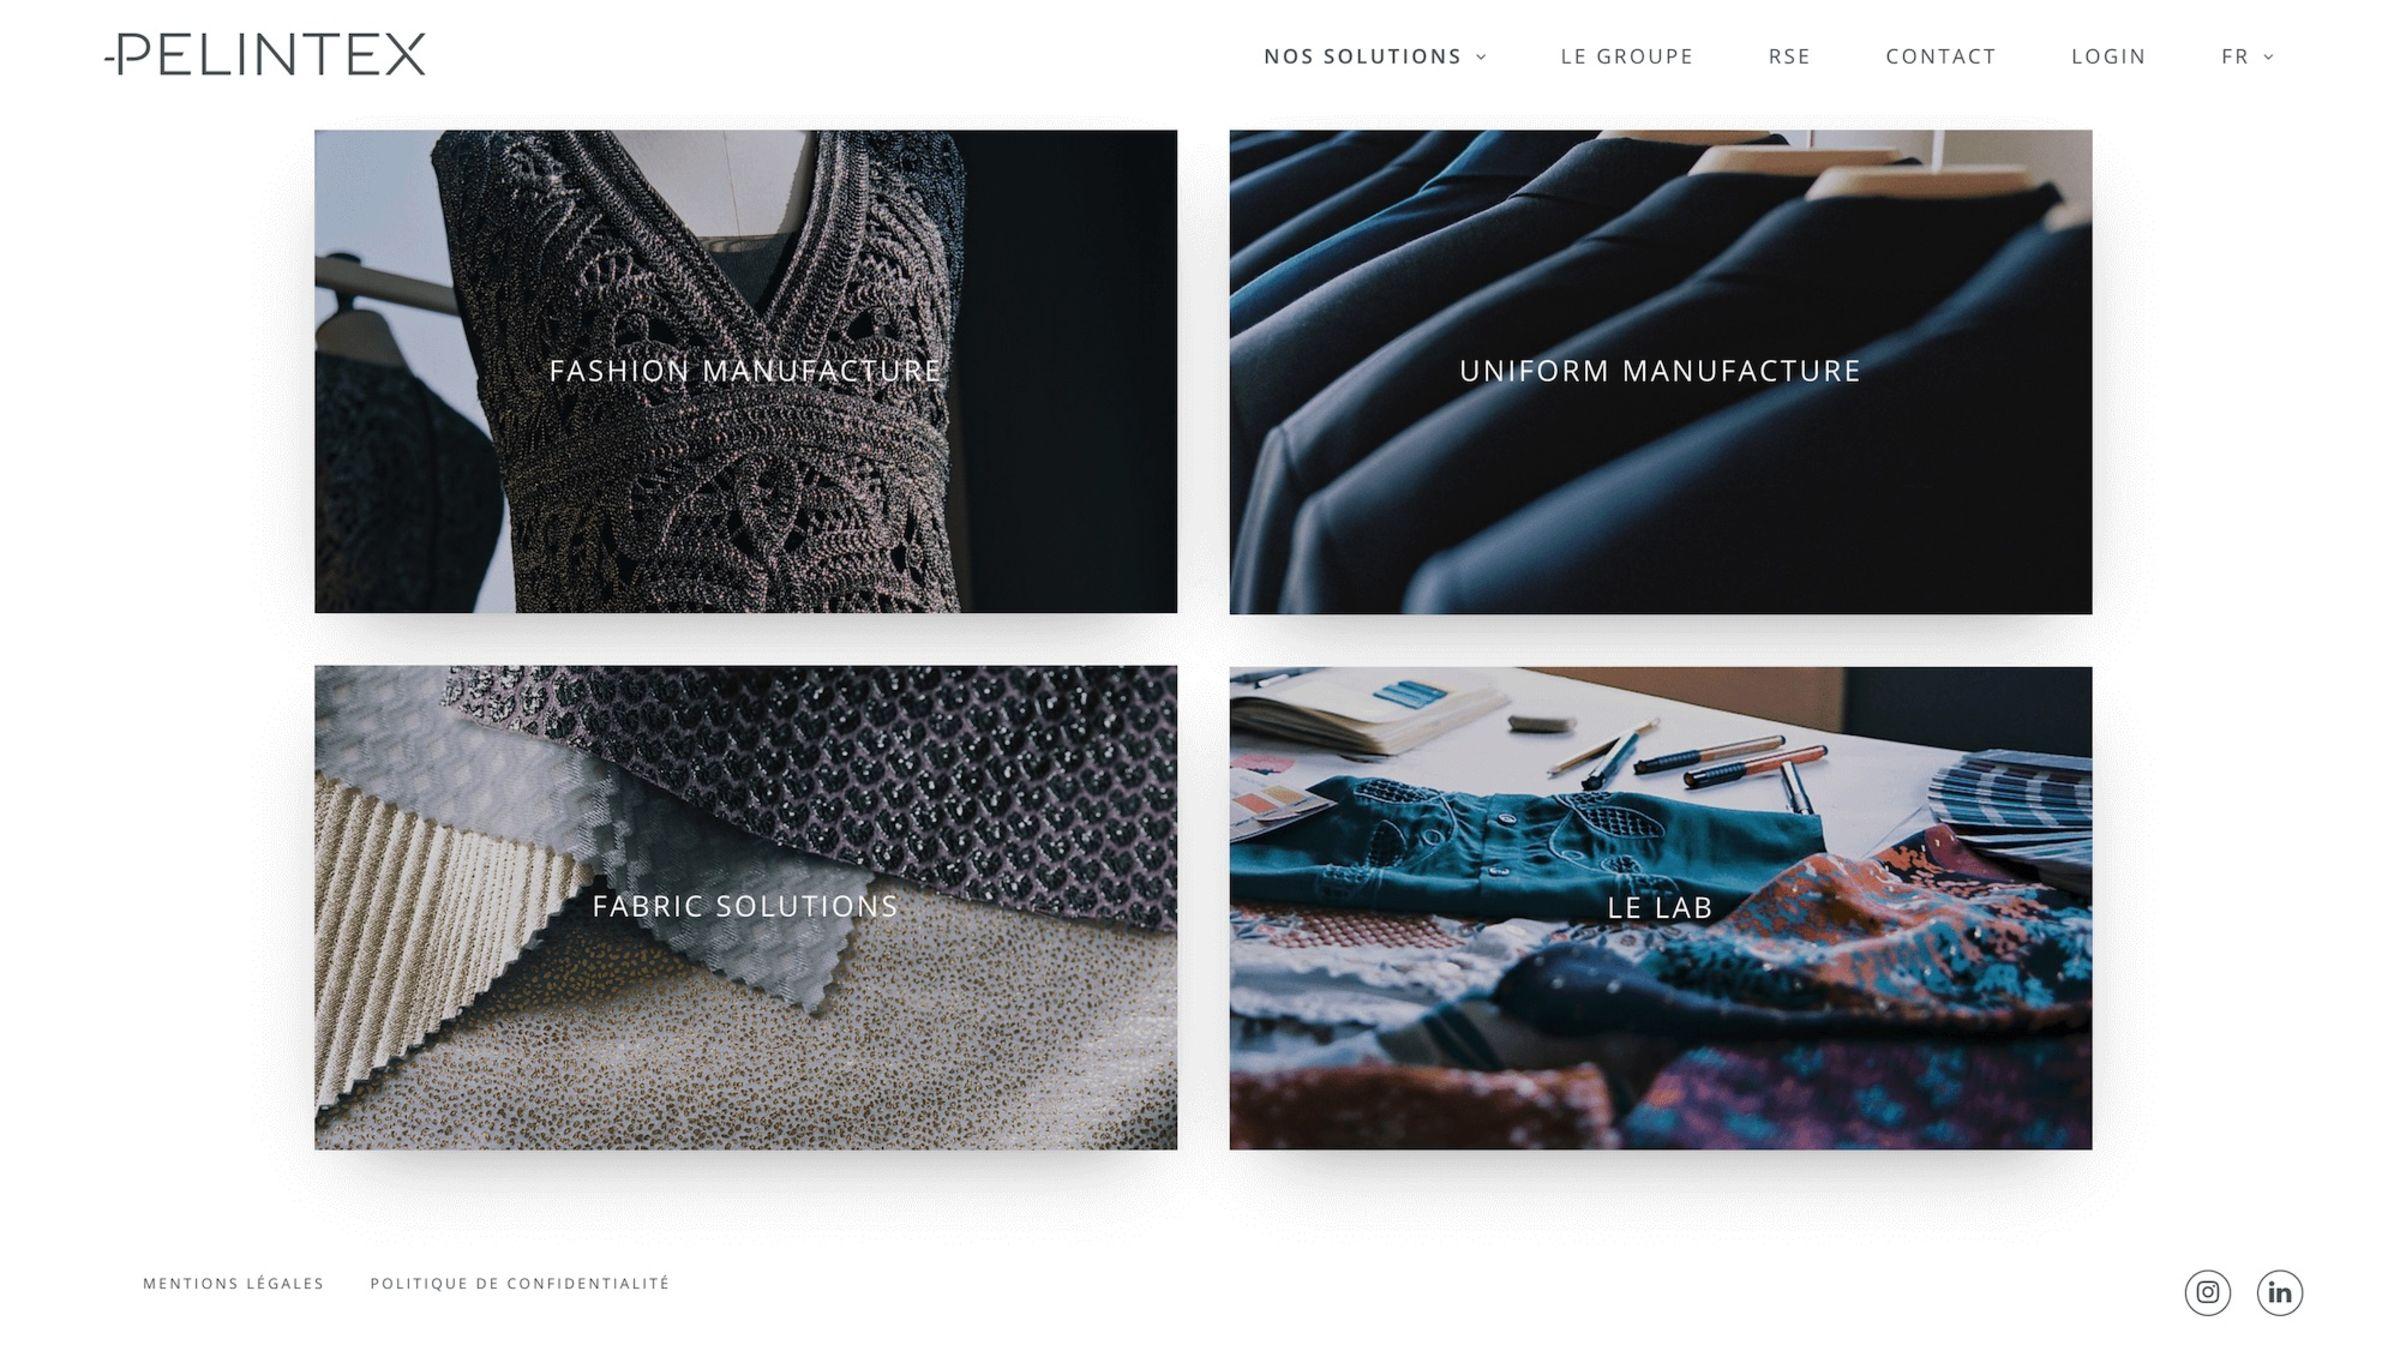 pelintex-website-screenshot